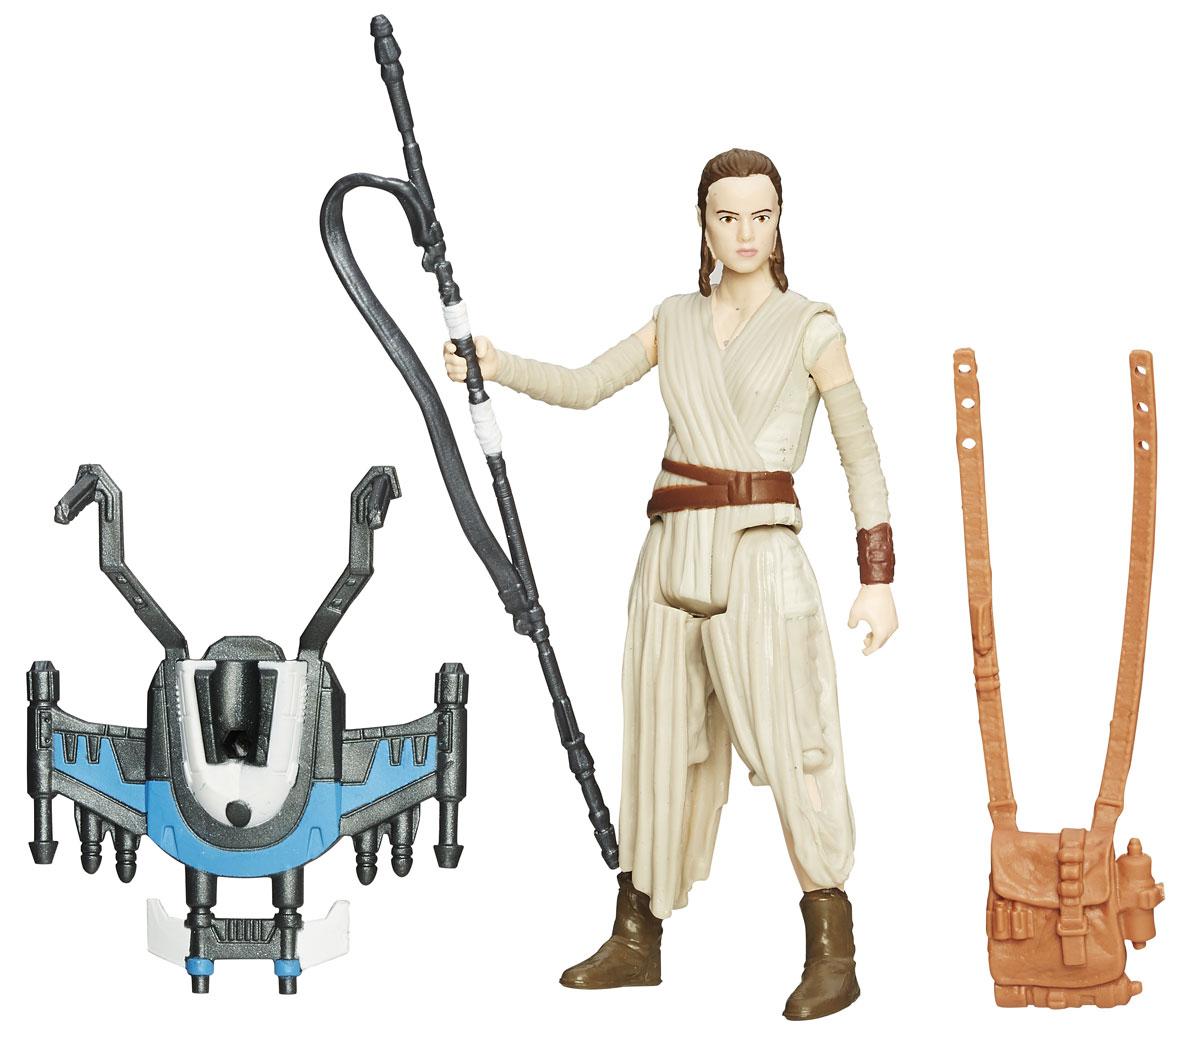 Star Wars Фигурка Rey Starkiller BaseB3963EU4_B3965Фигурка Rey создана в виде героя всеми любимой фантастической саги Звездные Войны Рей. Фигурка из пластика проработана до мельчайших деталей и является точной копией своего прототипа в уменьшенном размере. Конечности фигурки подвижны: поворачивается голова, сгибаются ноги и руки. Все это сделает игру реалистичной и разнообразной. Такая фигурка непременно понравится поклоннику Звездных войн и станет замечательным украшением любой коллекции. В наборе: фигурка и снаряжение.